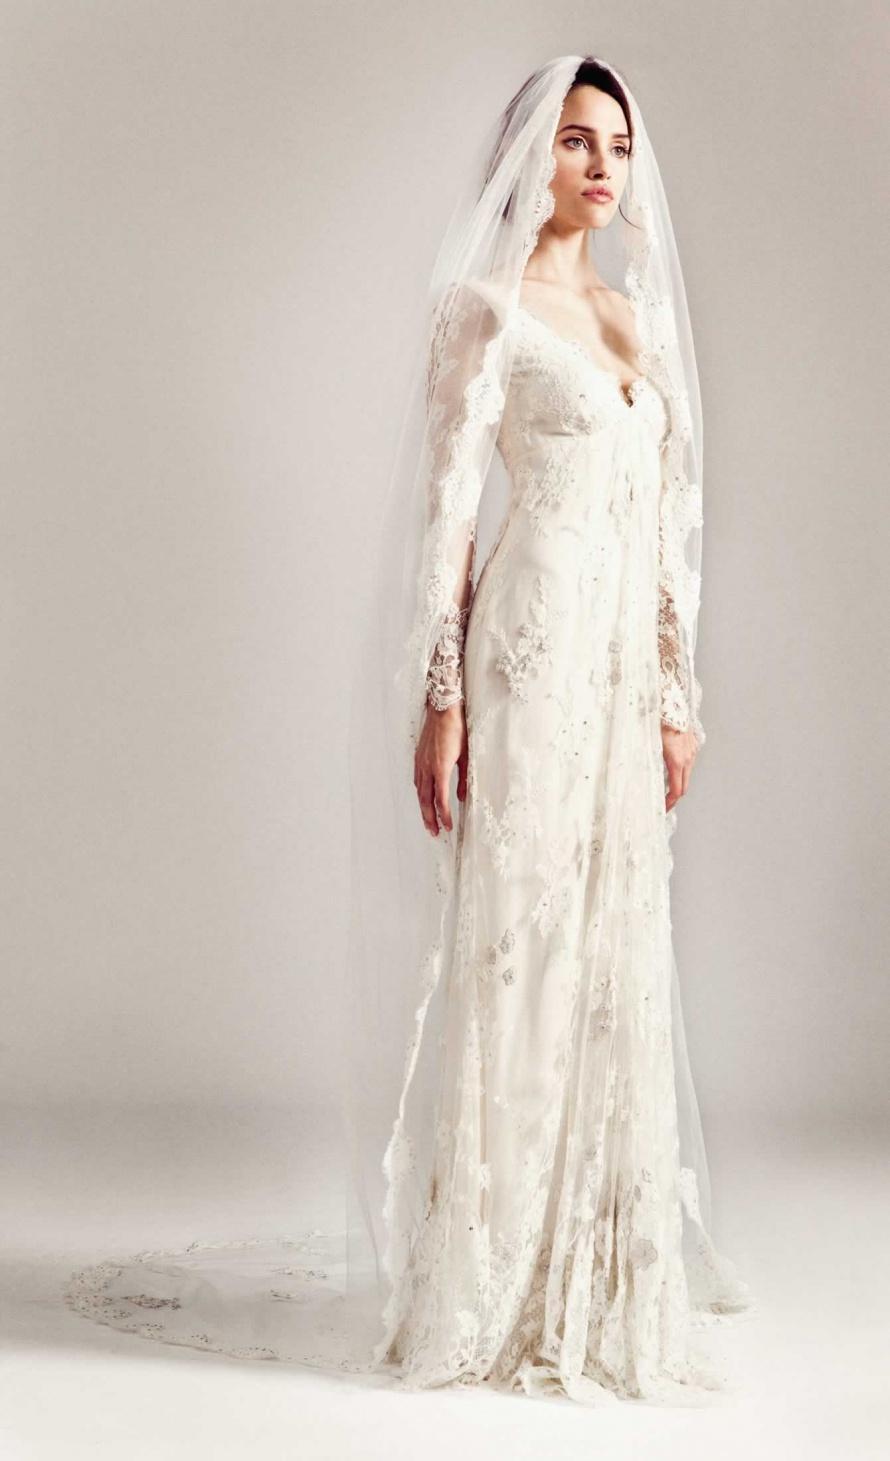 Mariage en hiver les plus belles robes de la saison for Robes de mariage pour l hiver 2017